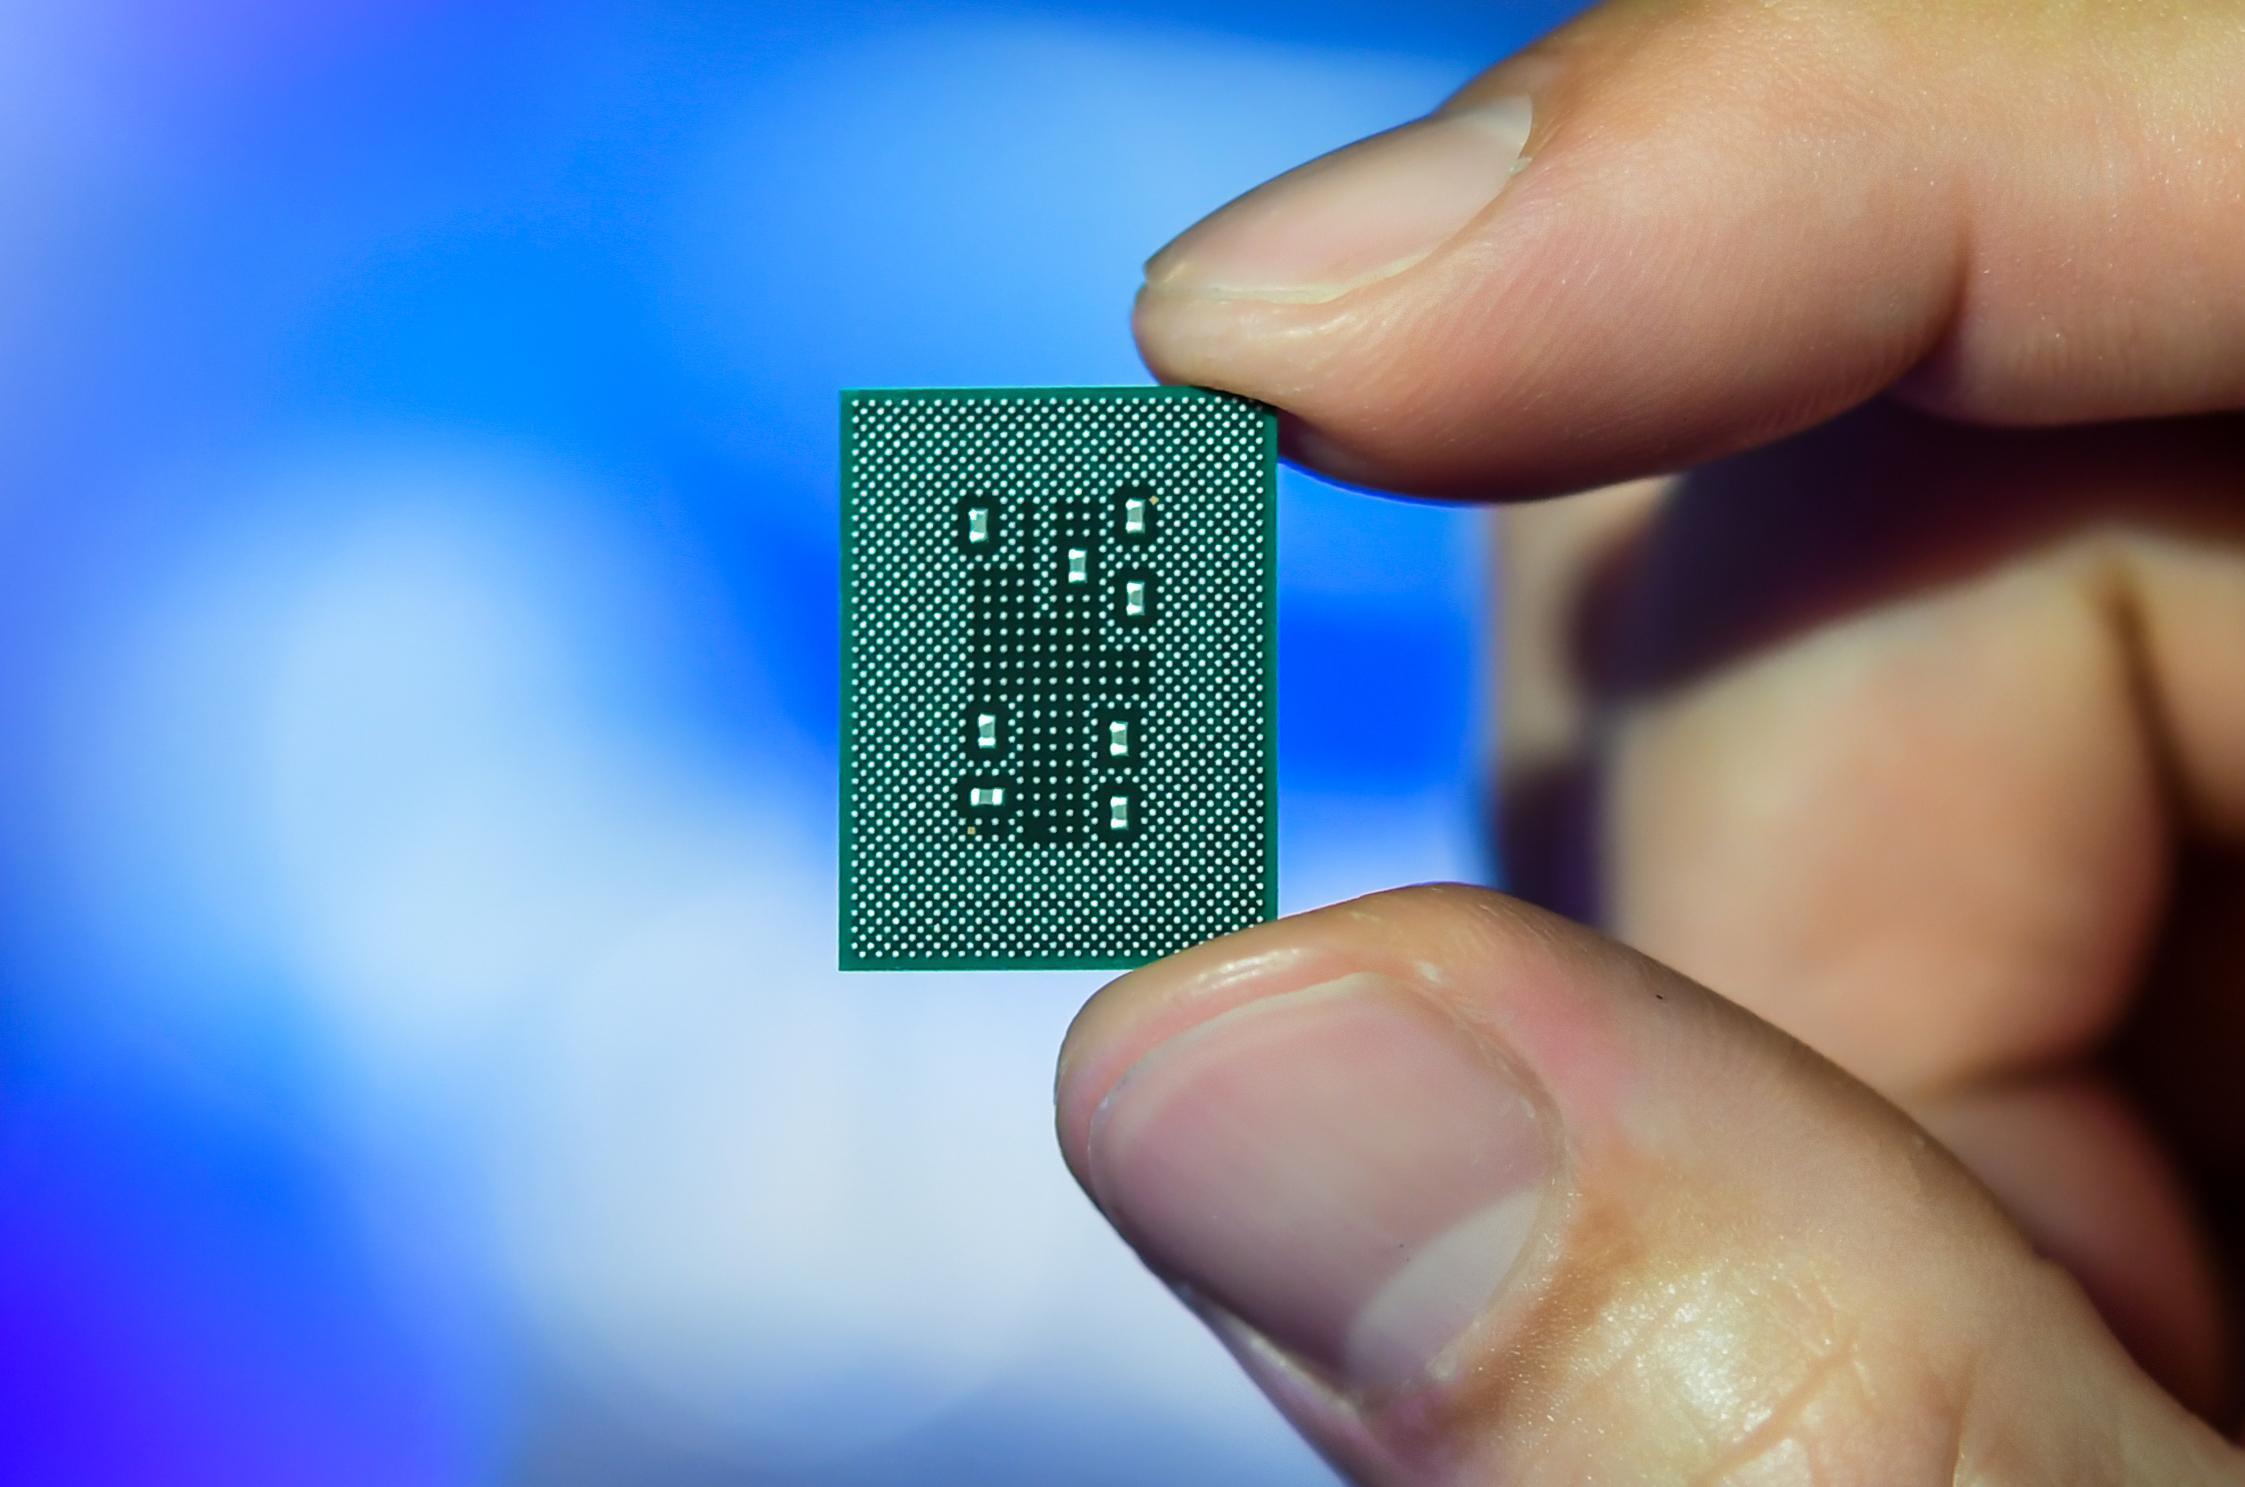 Qualcomm Snapdragon 7c et 8c : pour des ultraportables Windows 10 à moins de 400 euros